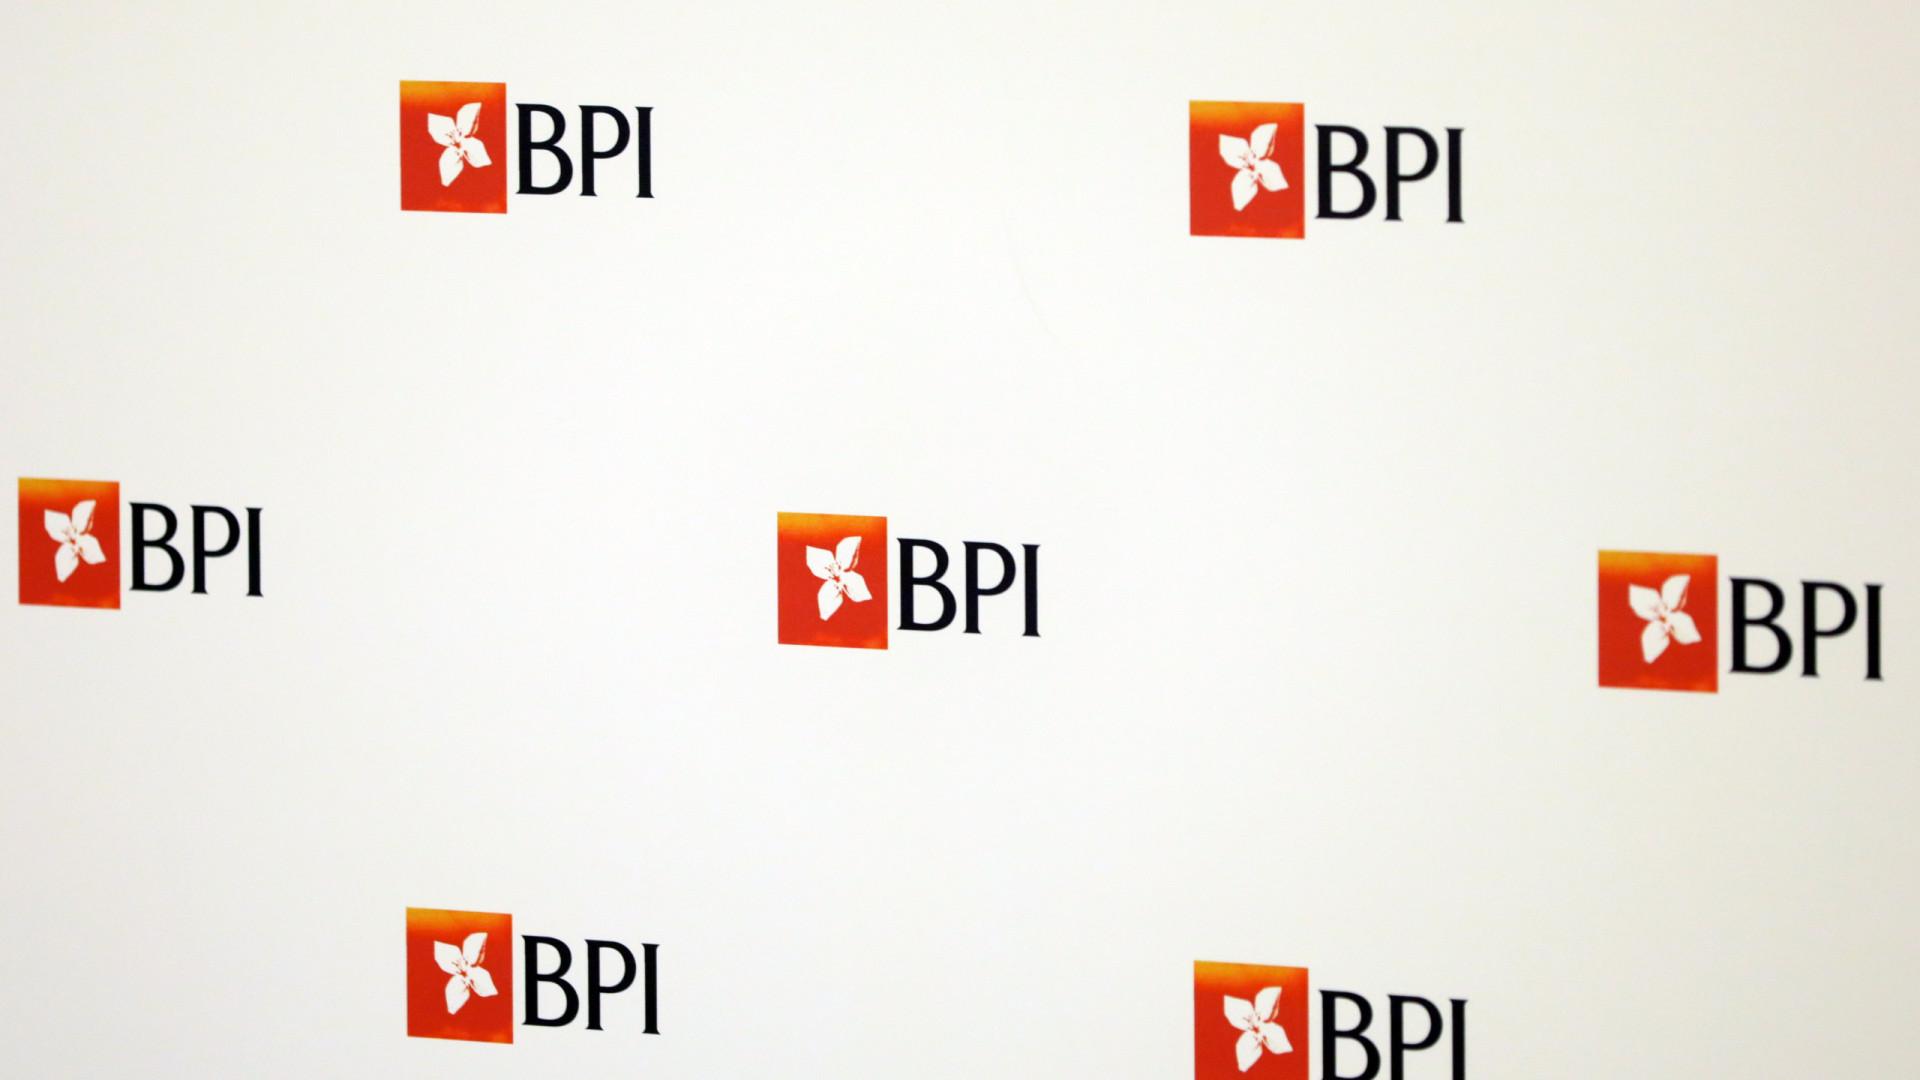 Obrigacionistas do BPI apreciam hoje fusão com BPI Private Equit